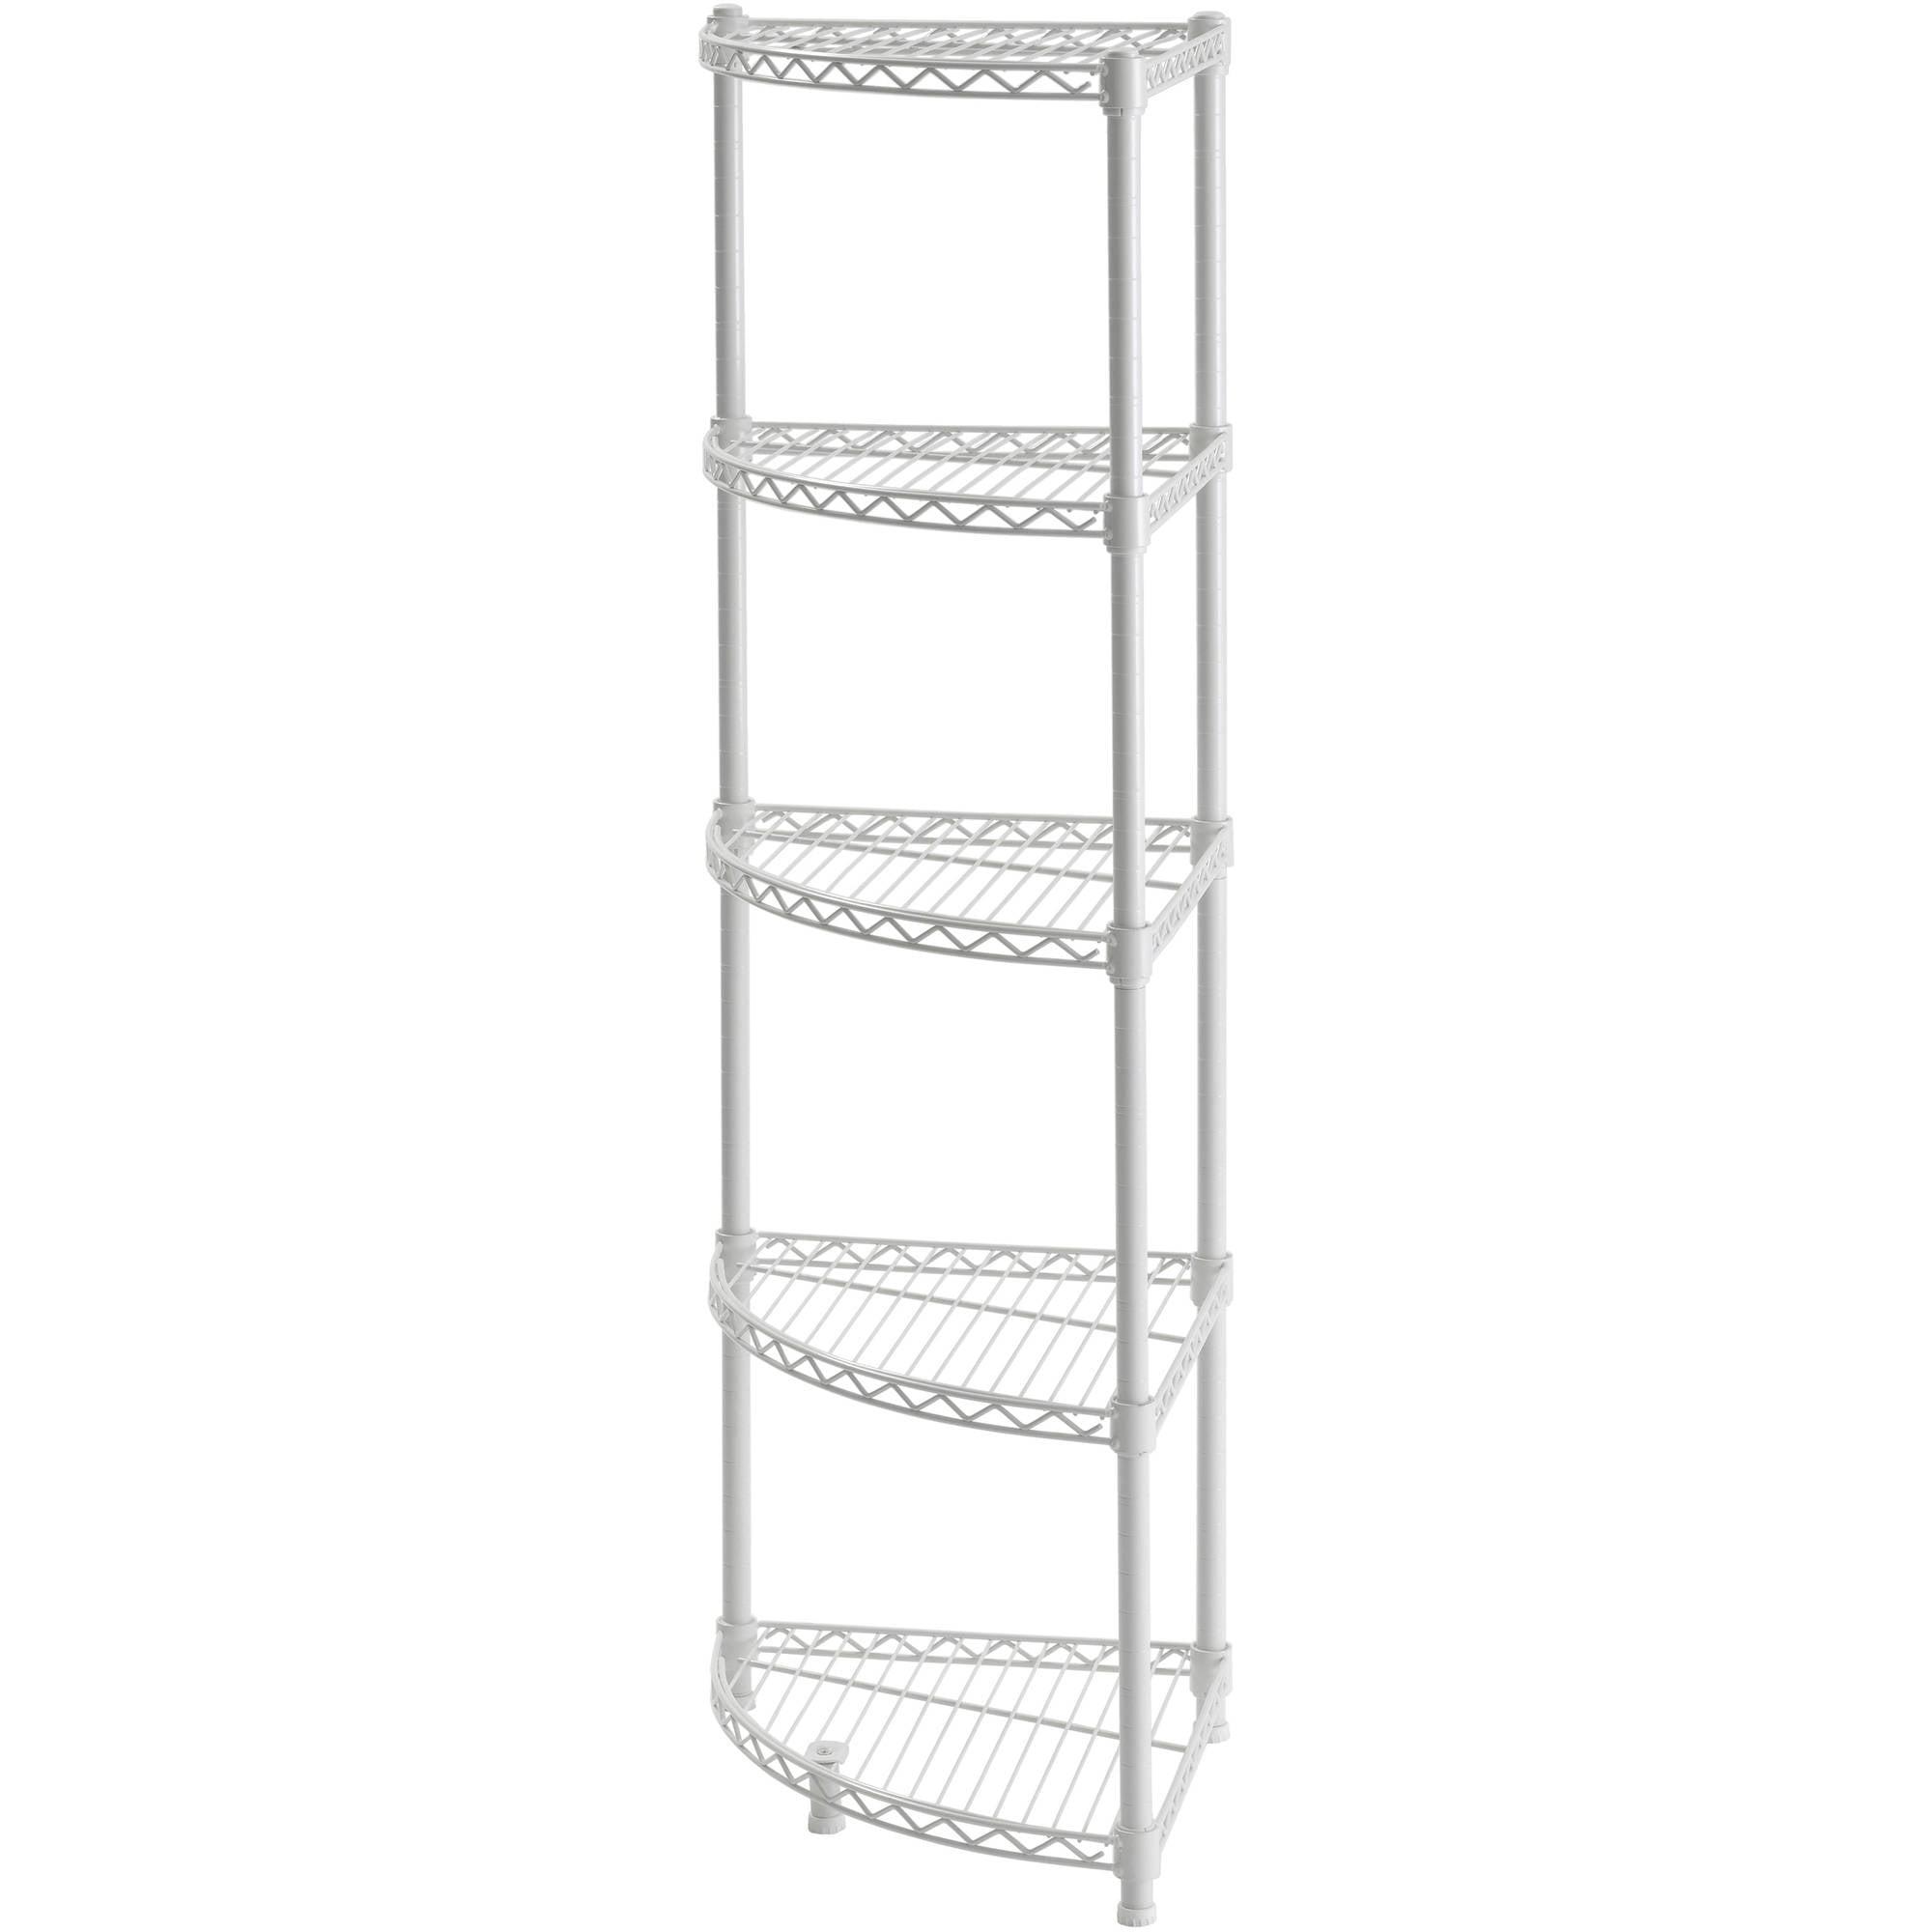 Details About Muscle Rack Wscr141447 5 Shelf Steel Wire Corner Shelving Unit 14 Width 47 H